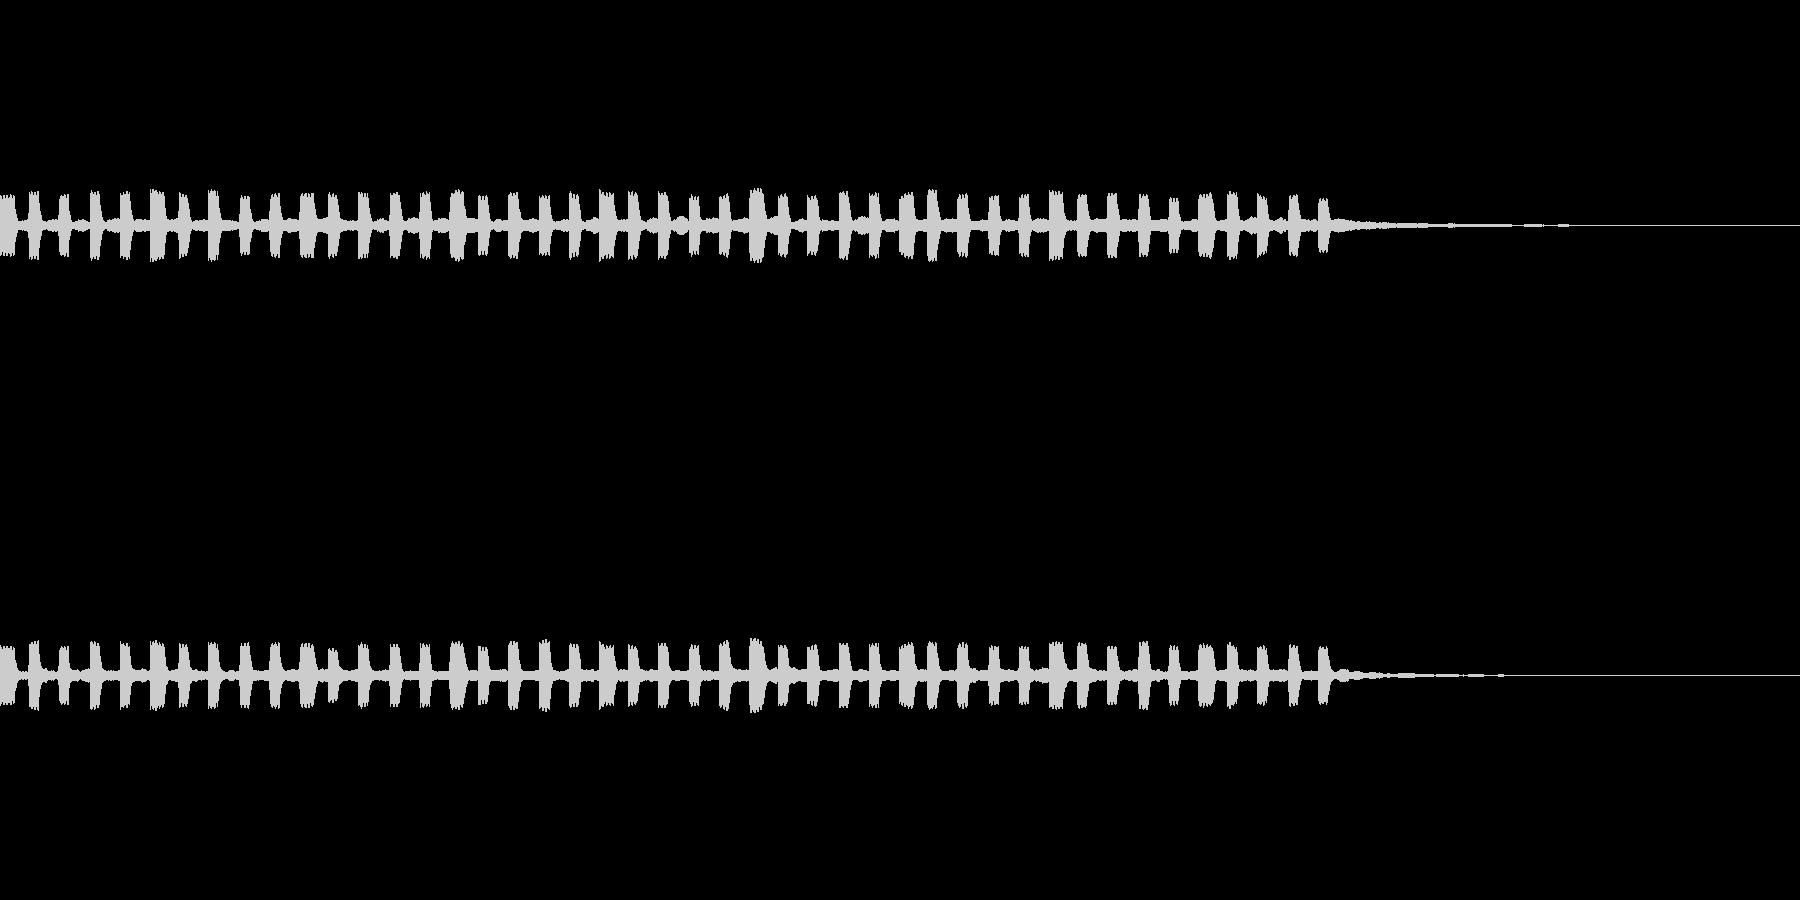 グラフ 折れ線グラフ の未再生の波形